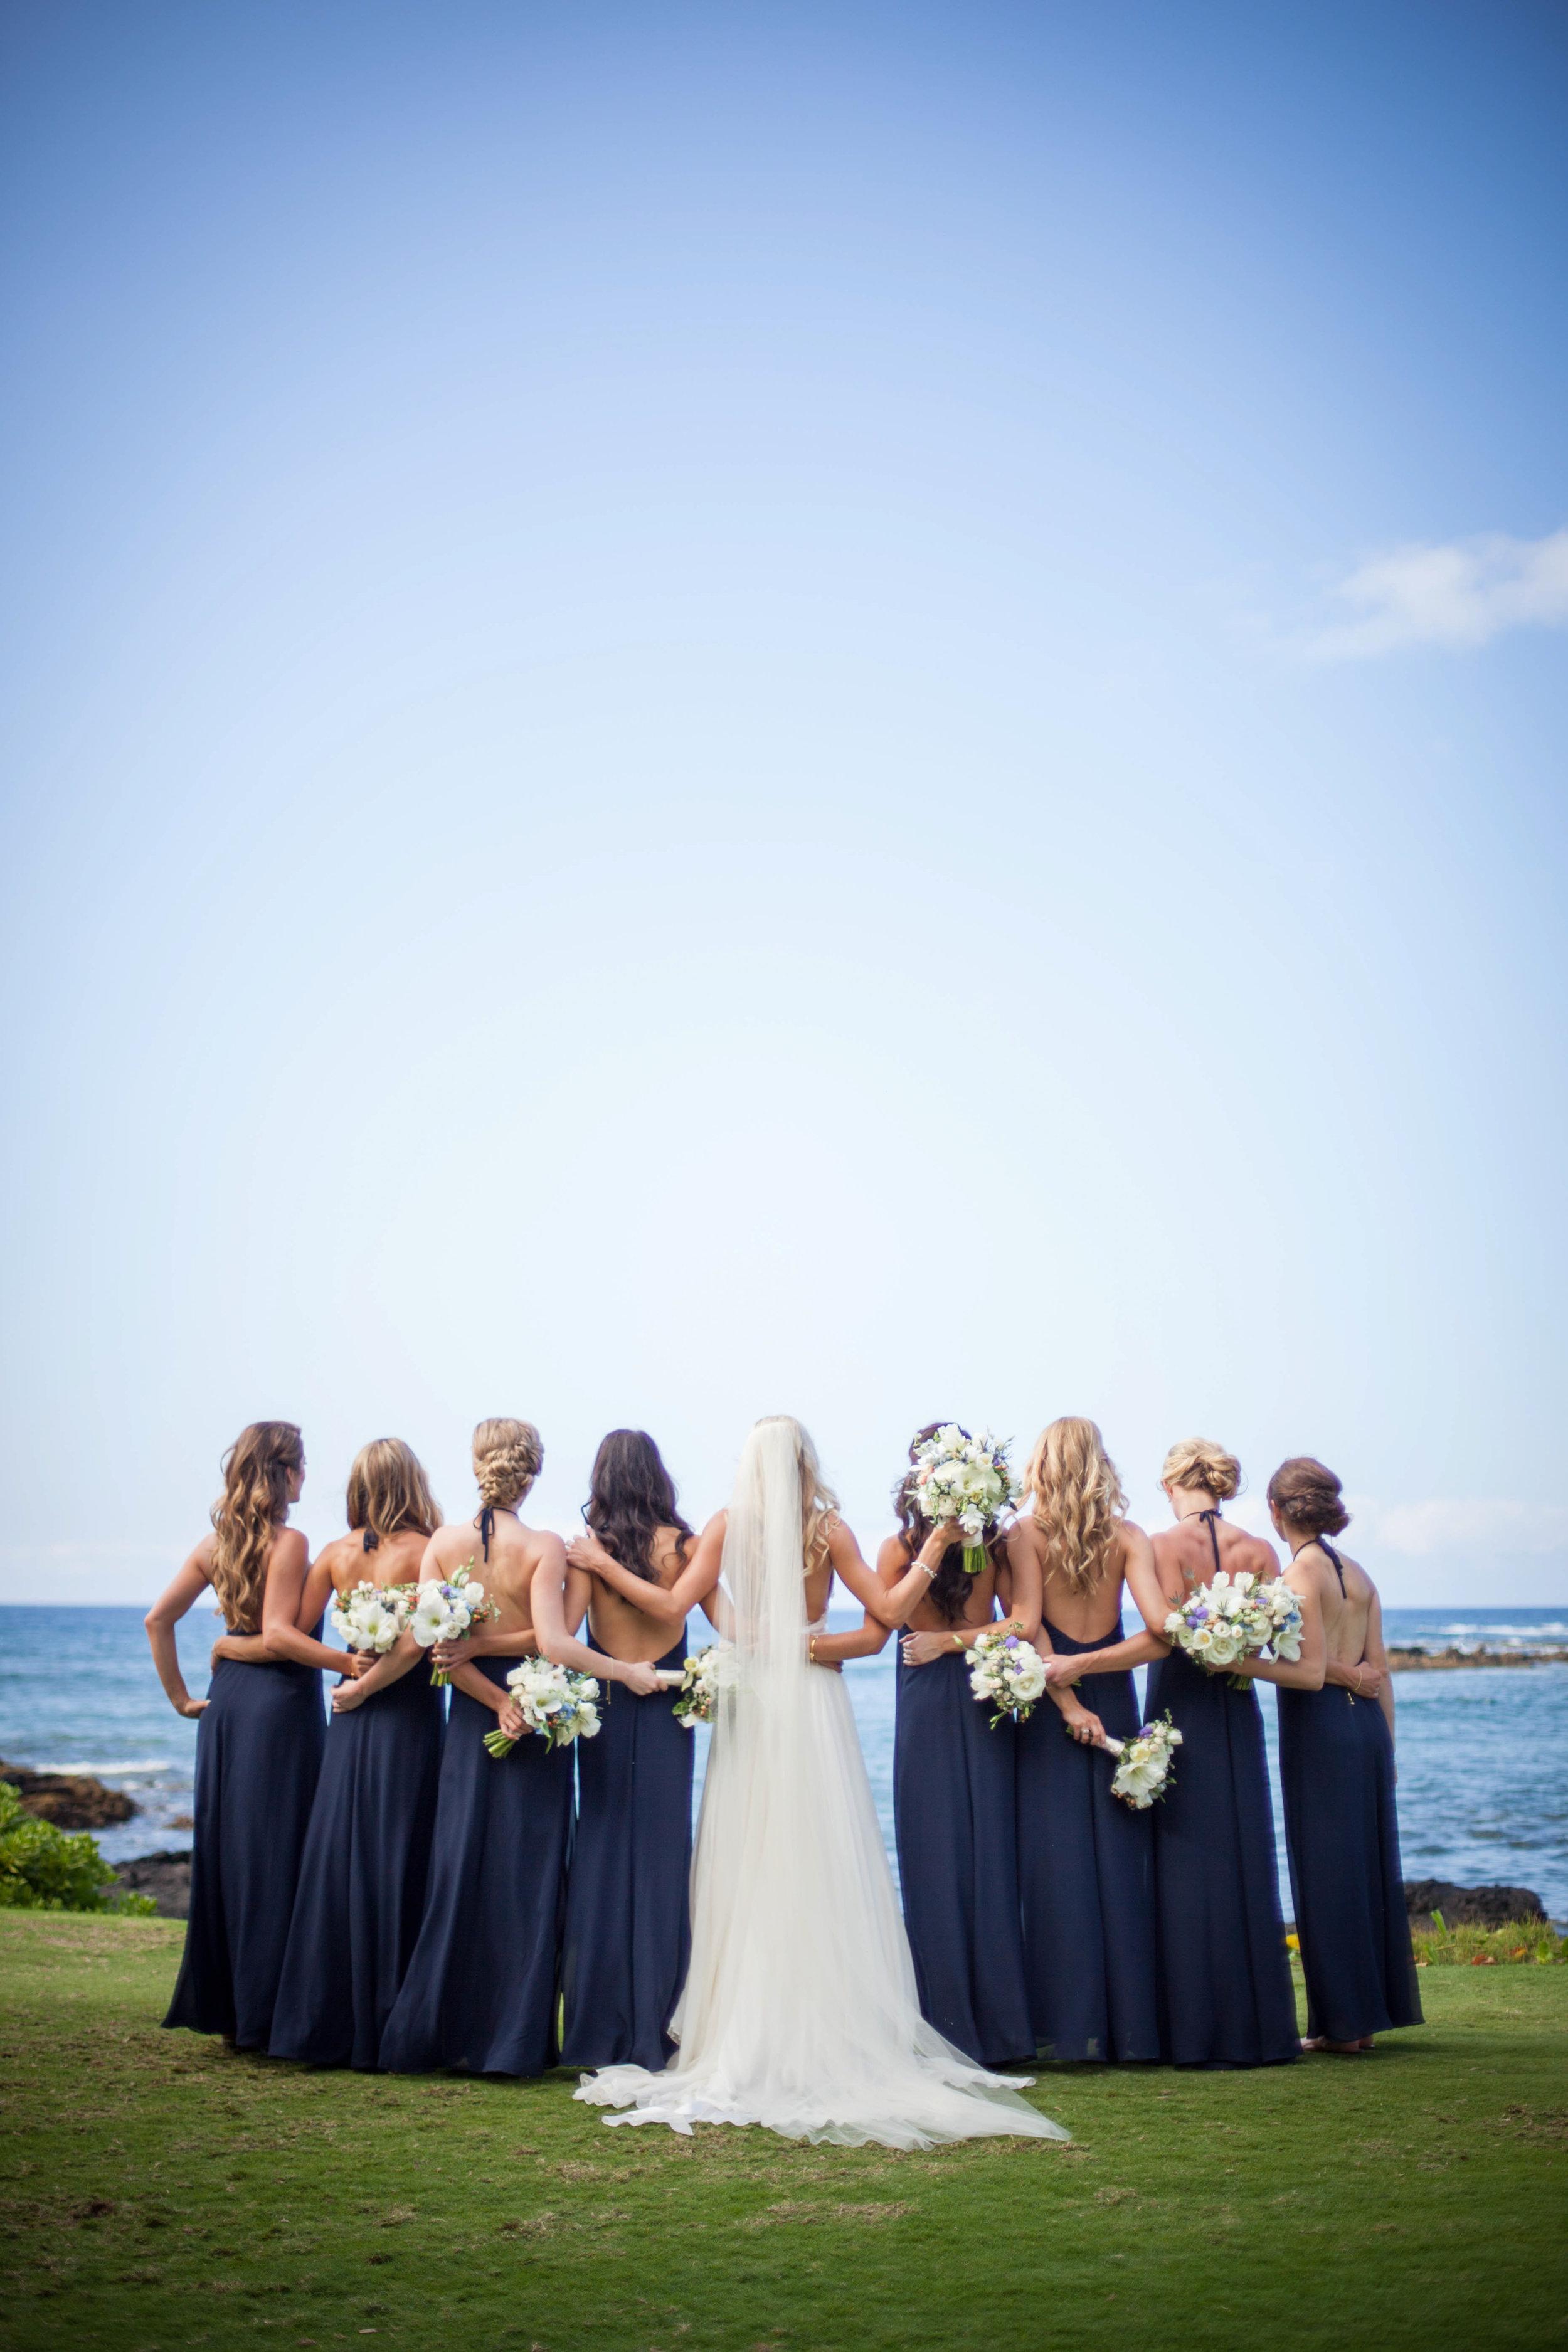 big island hawaii mauna lani resort wedding © kelilina photography 20160131152852-1.jpg